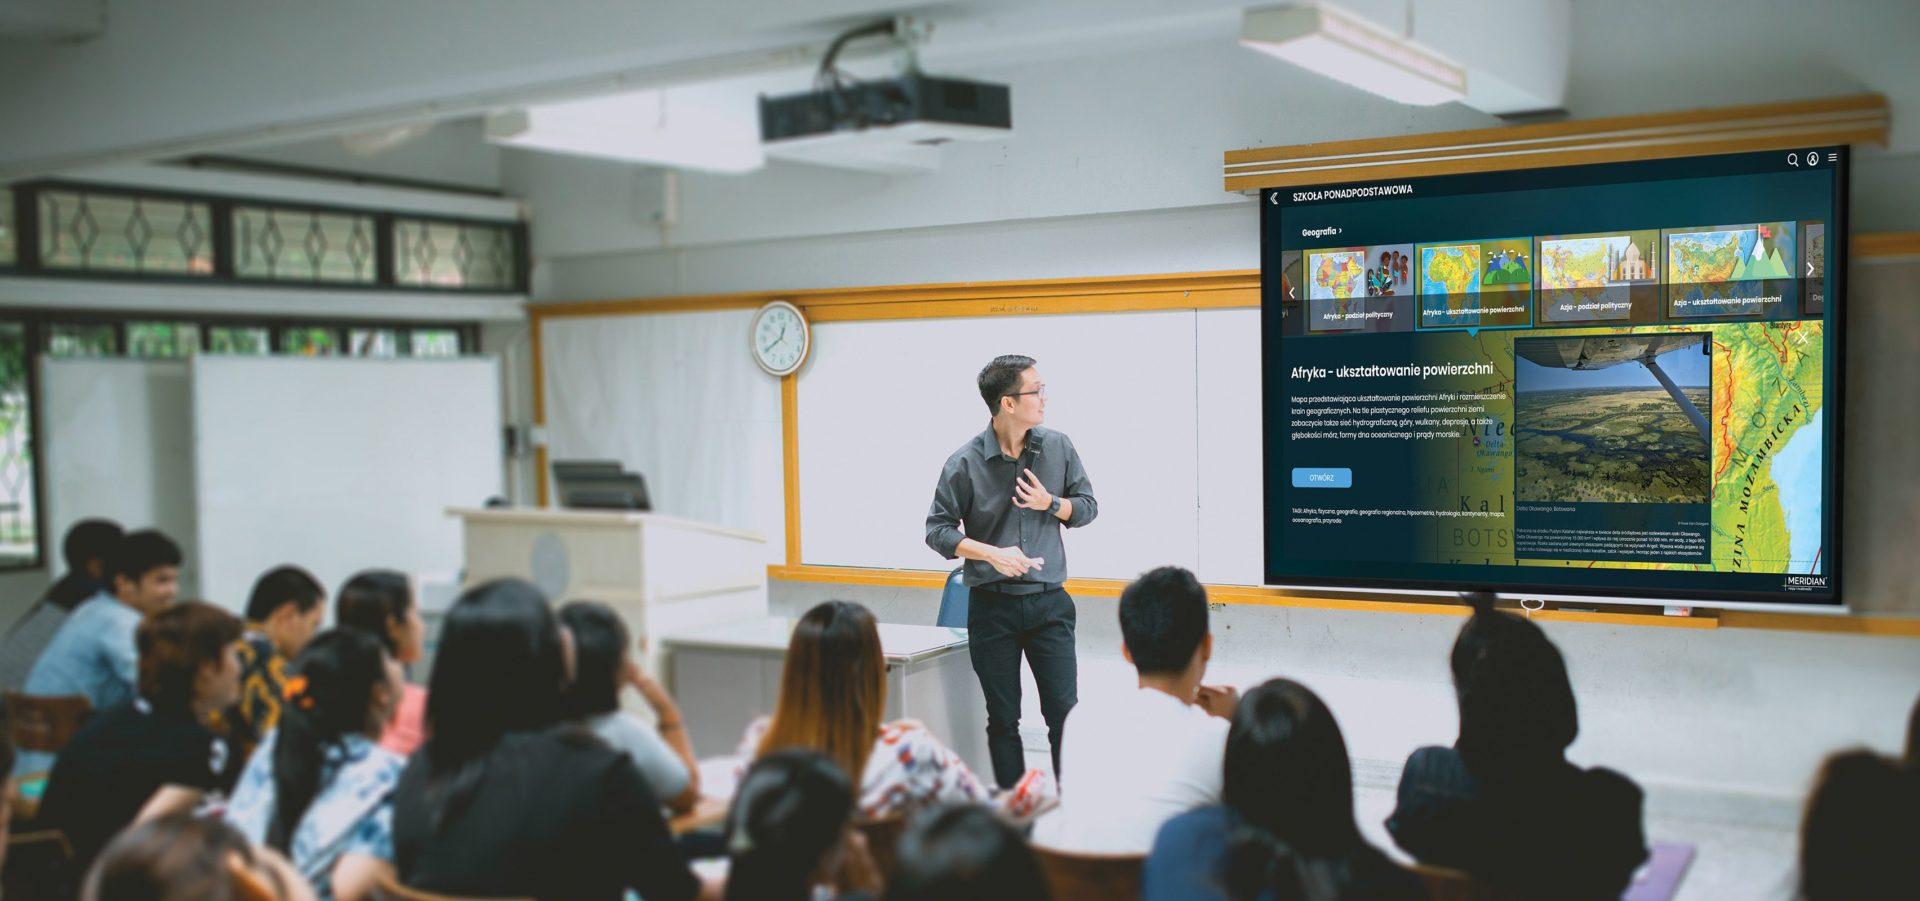 Krok w kierunku nowoczesnej i otwartej edukacji